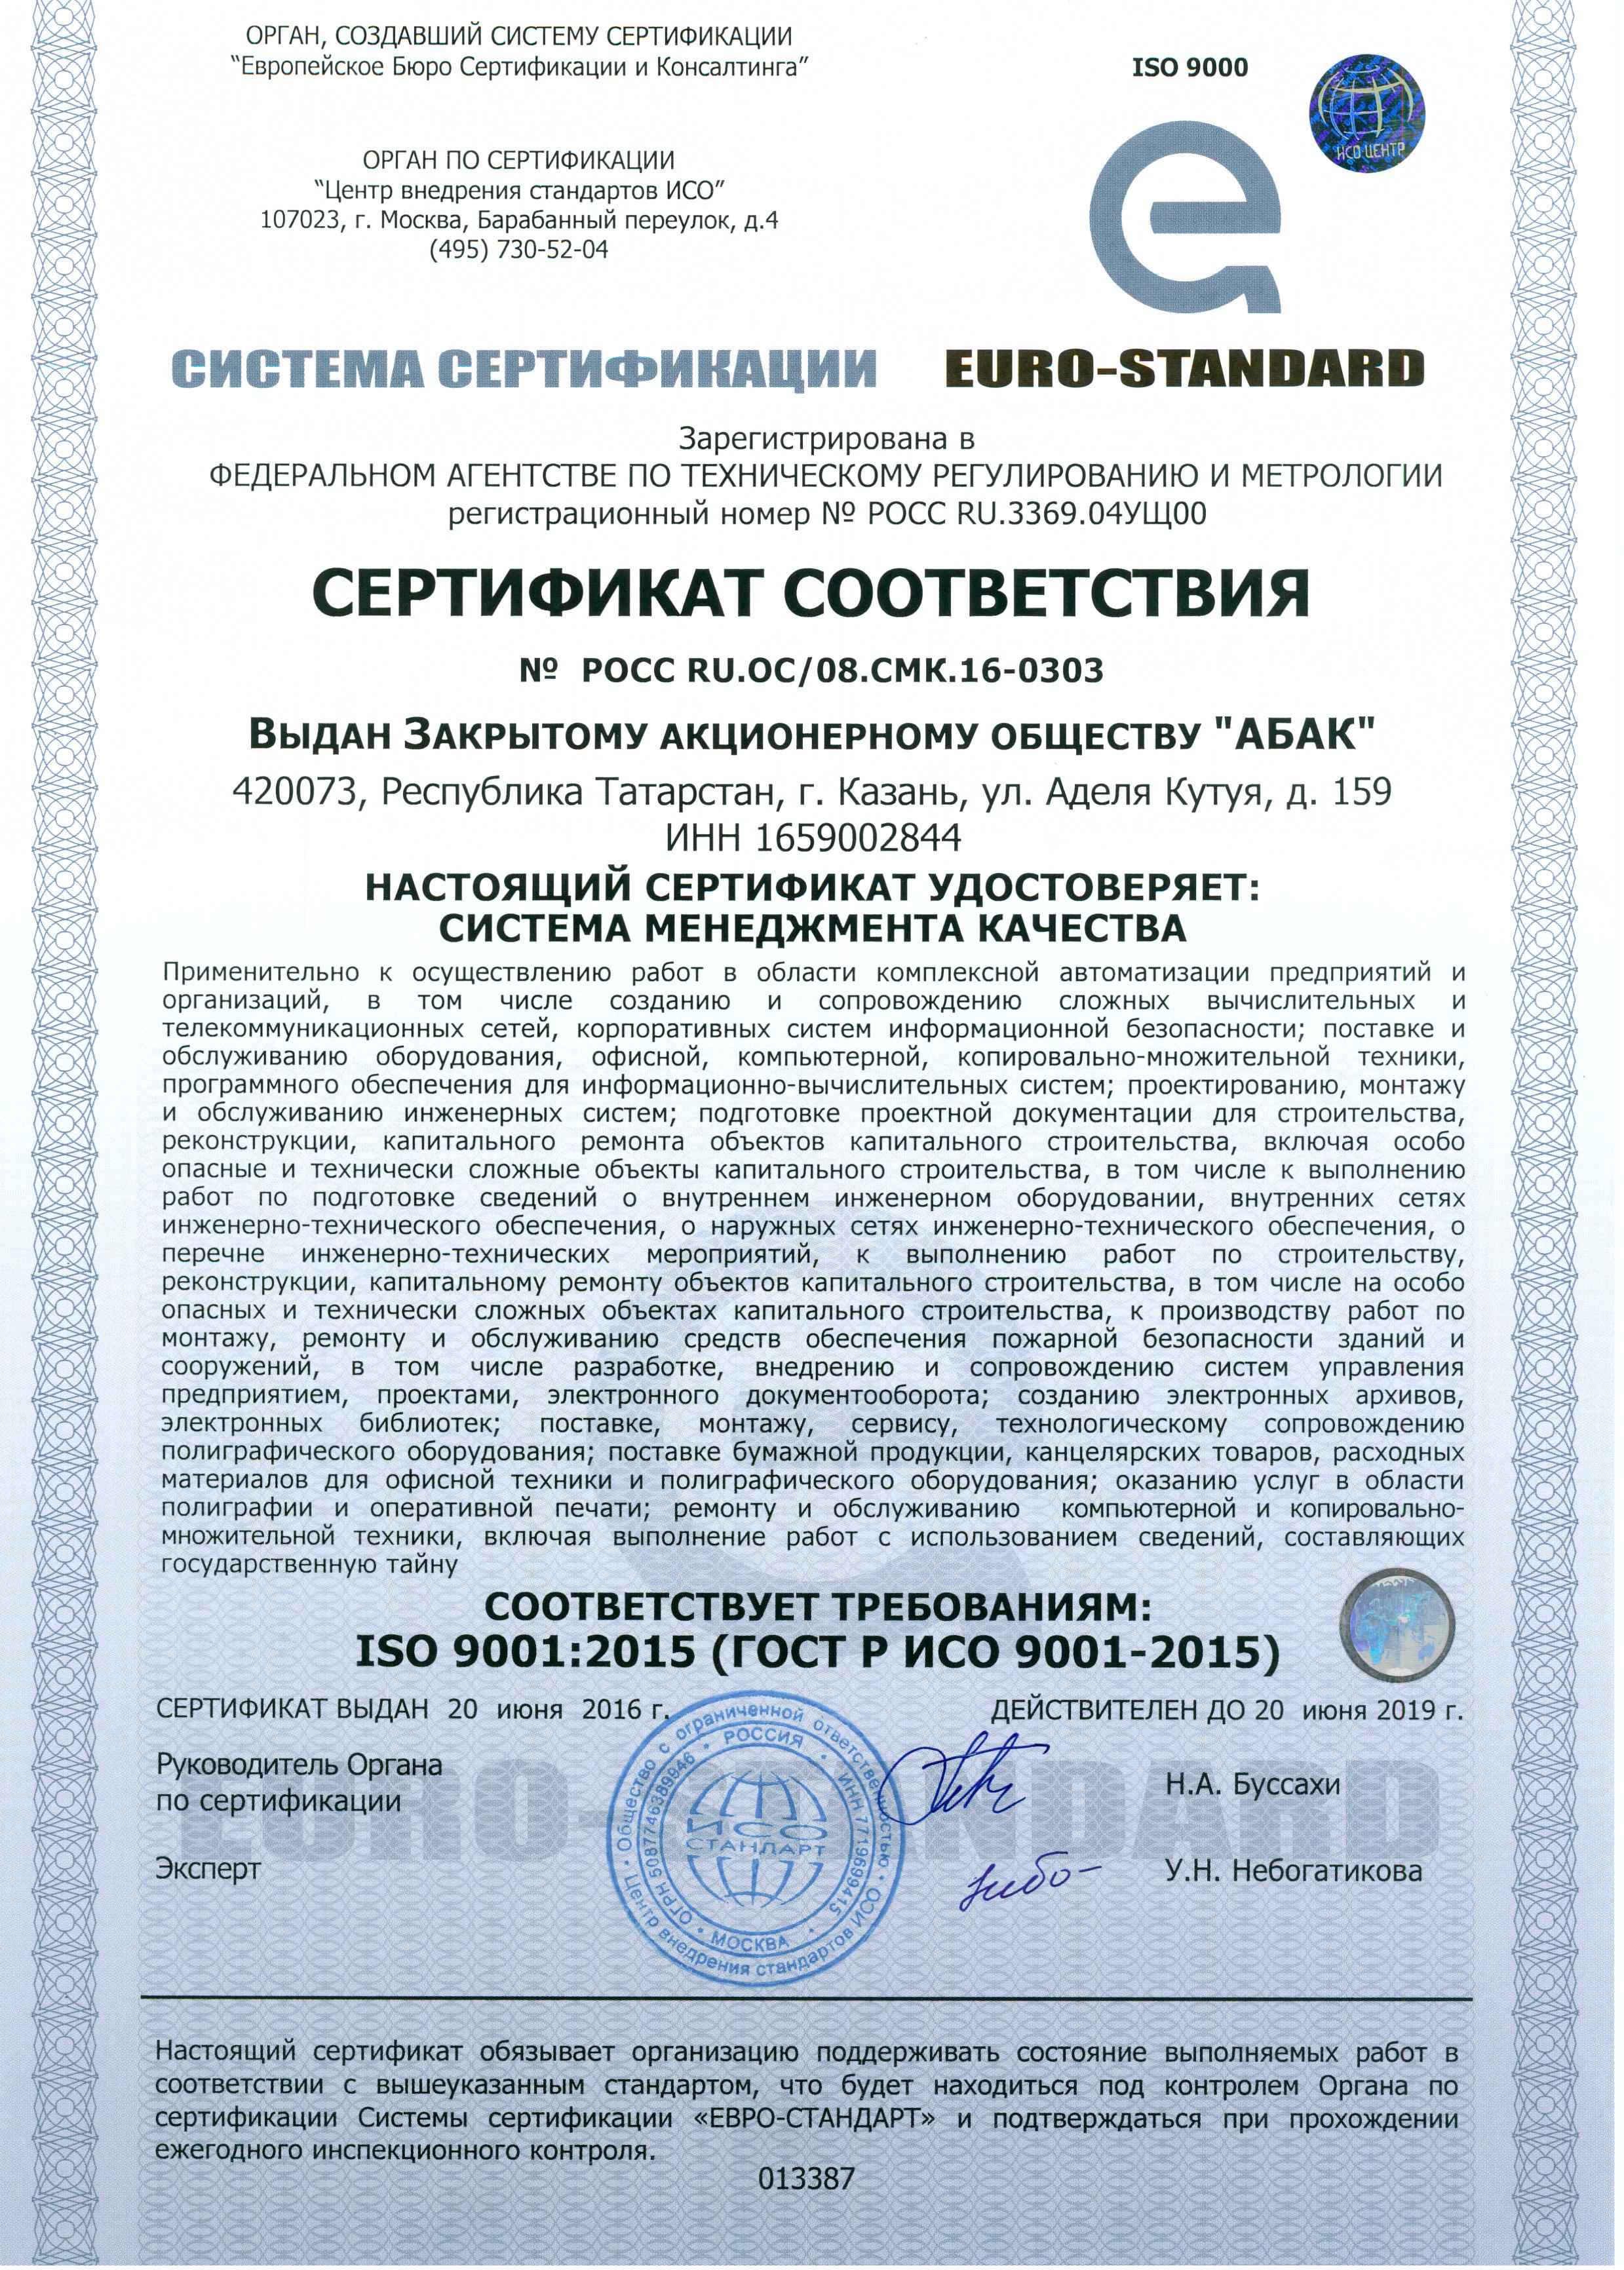 ГОСТ Р ИСО 9001-2008 (ISO 9001:2015)